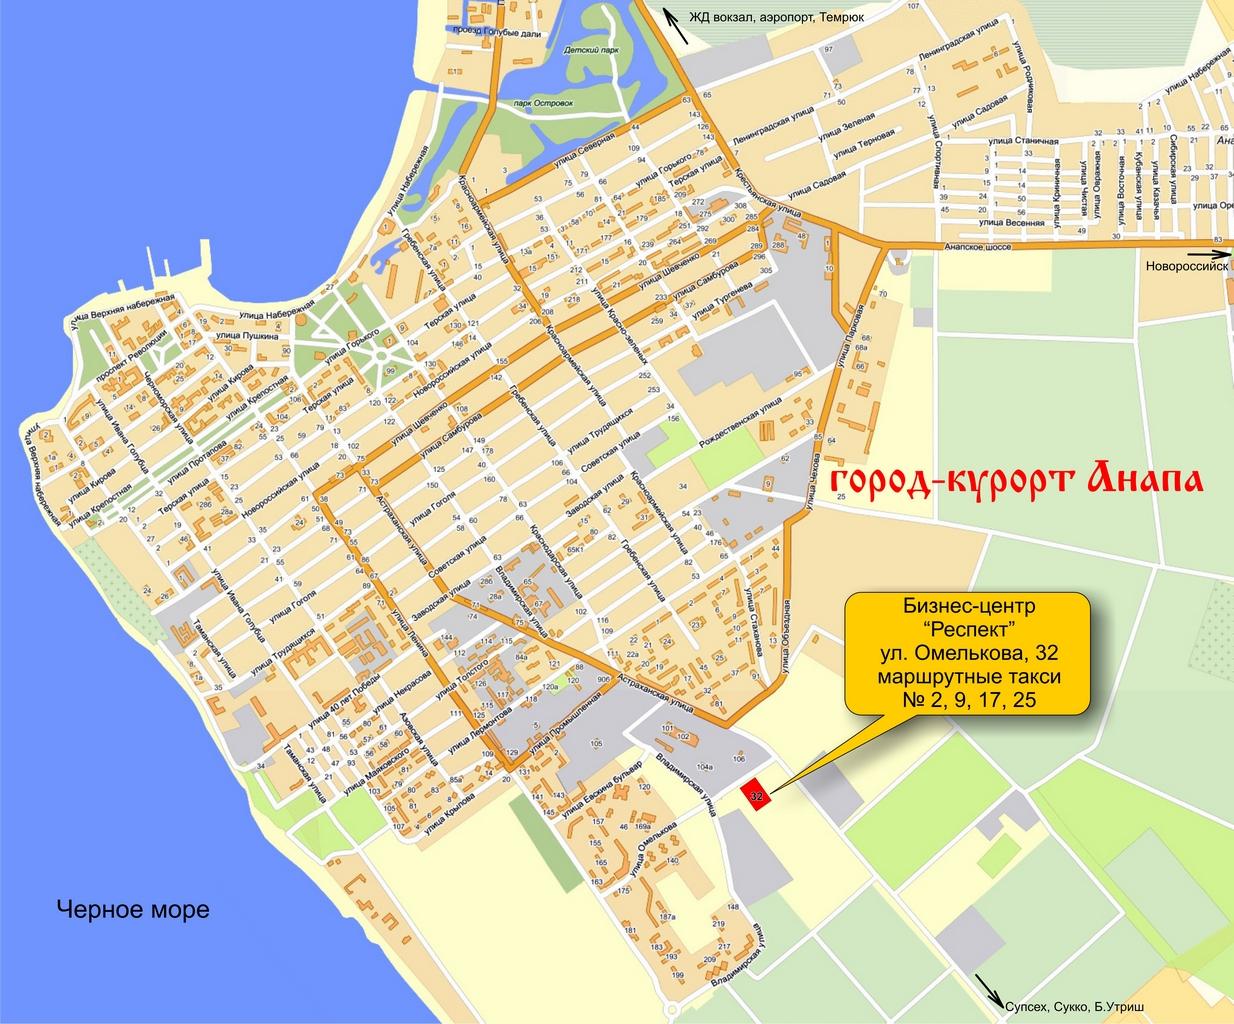 Карта-схема Анапы.